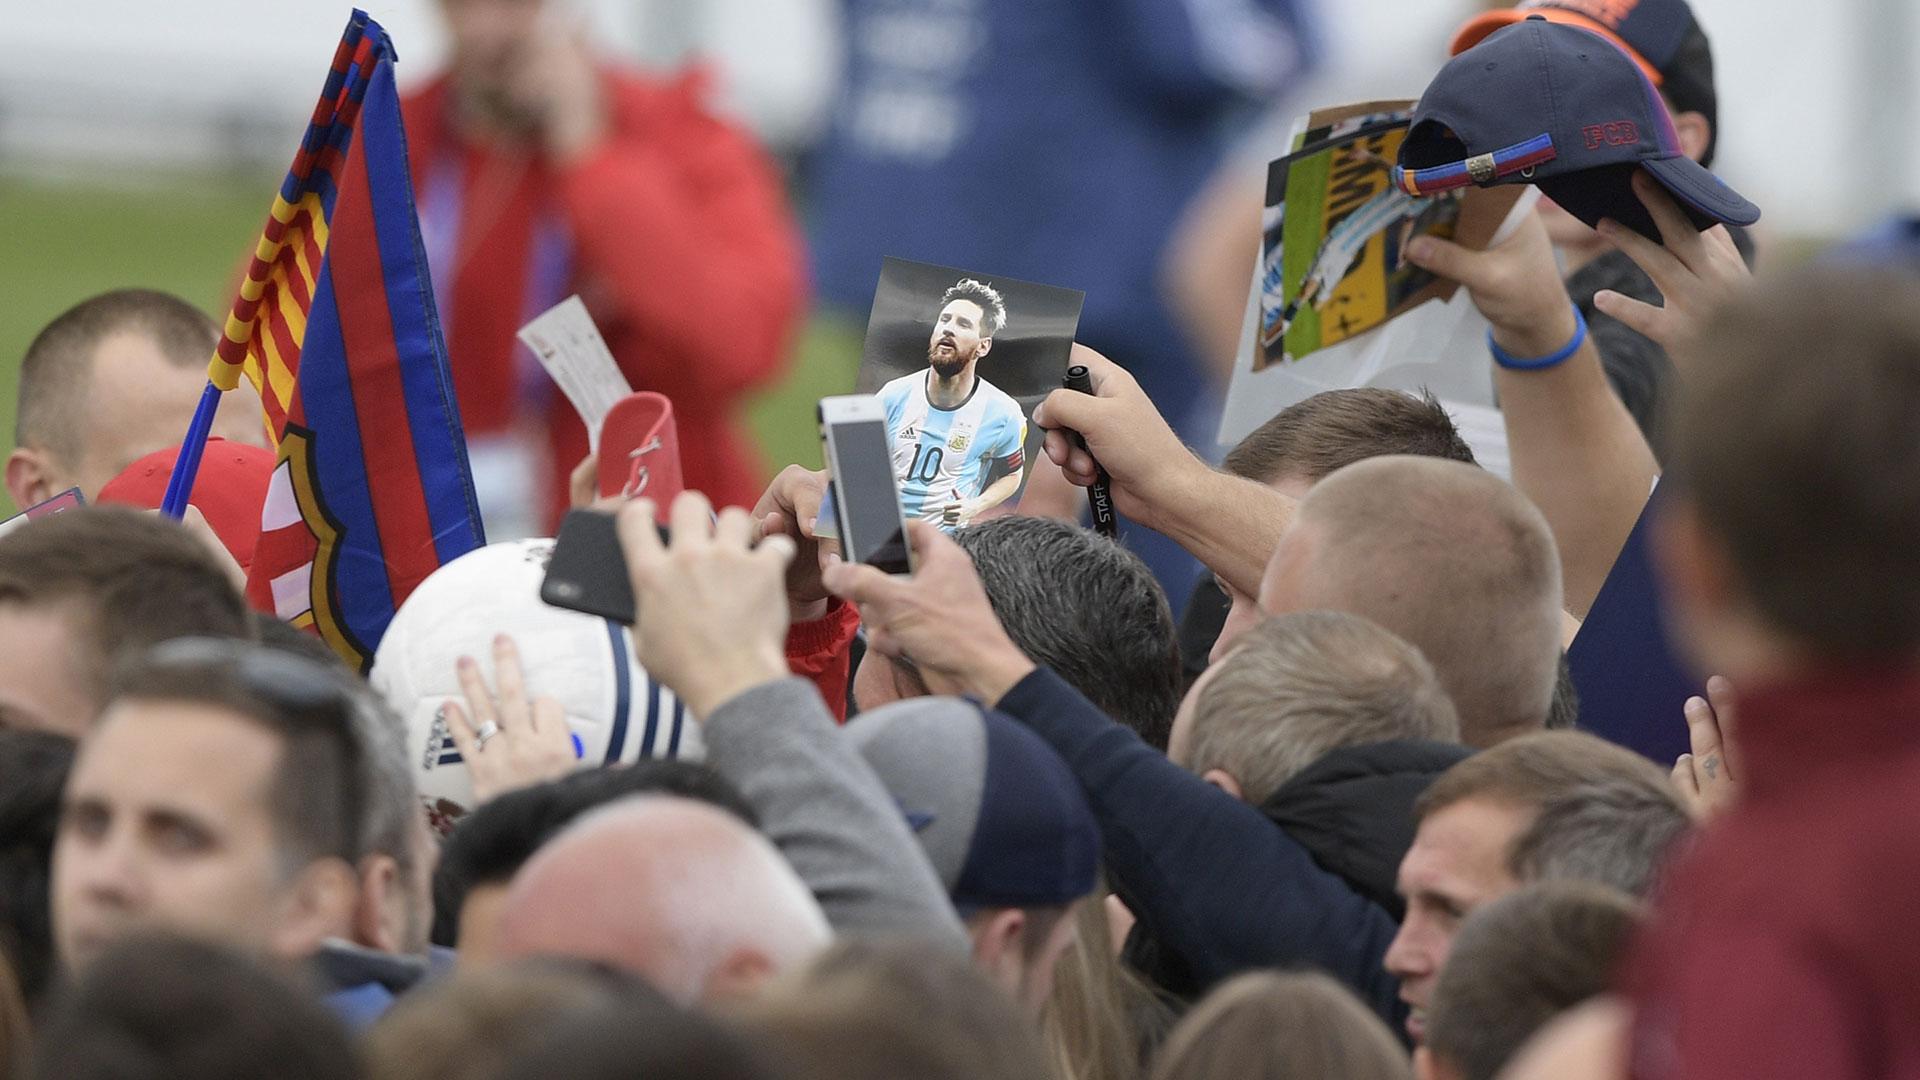 Algunos aficionados fueron preparados con la imagen de Messi para lograr su rúbrica